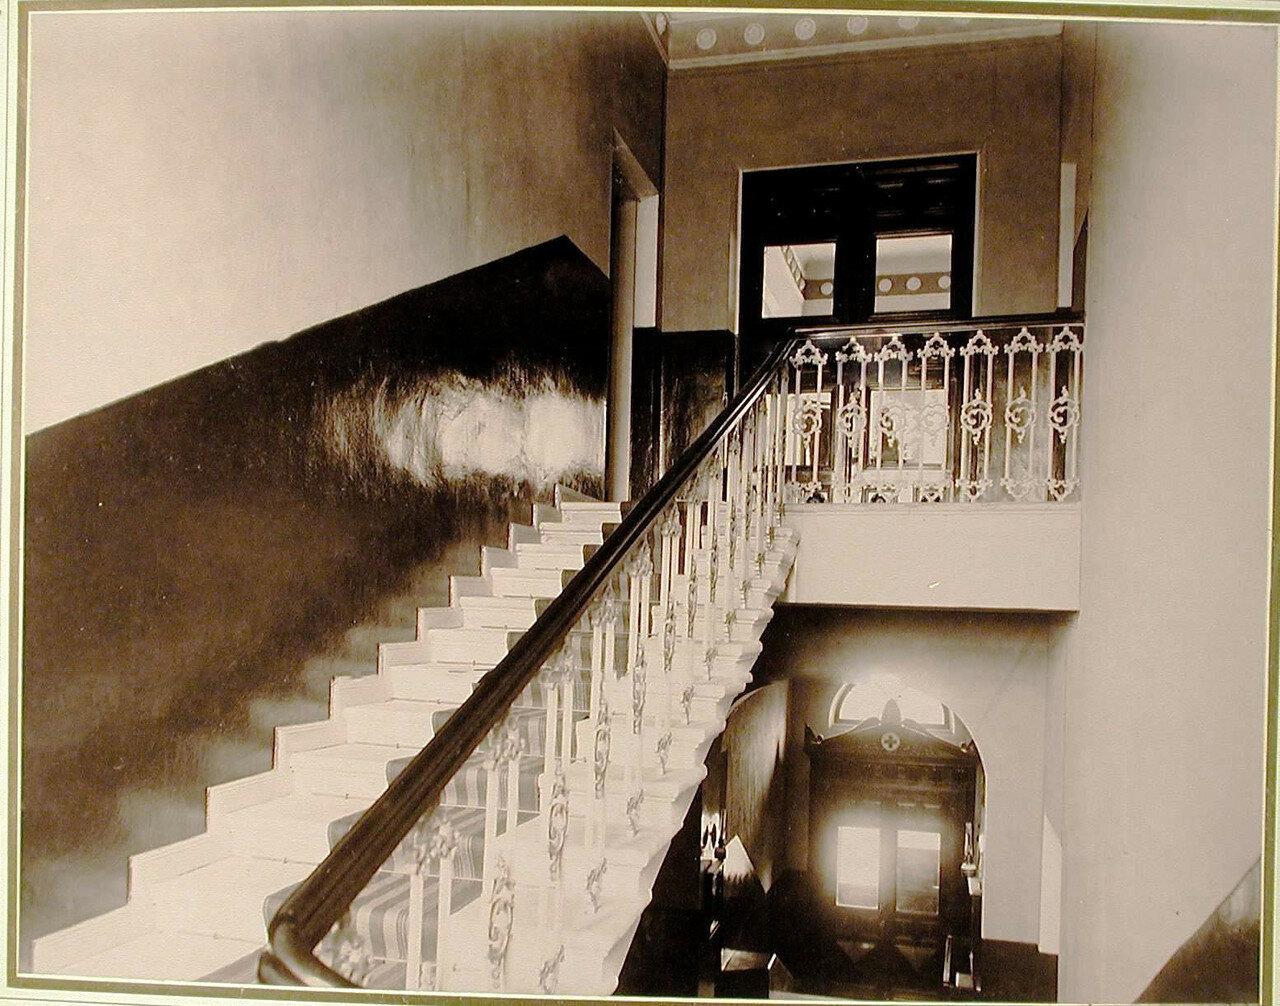 02. Вид парадной лестницы в здании общины